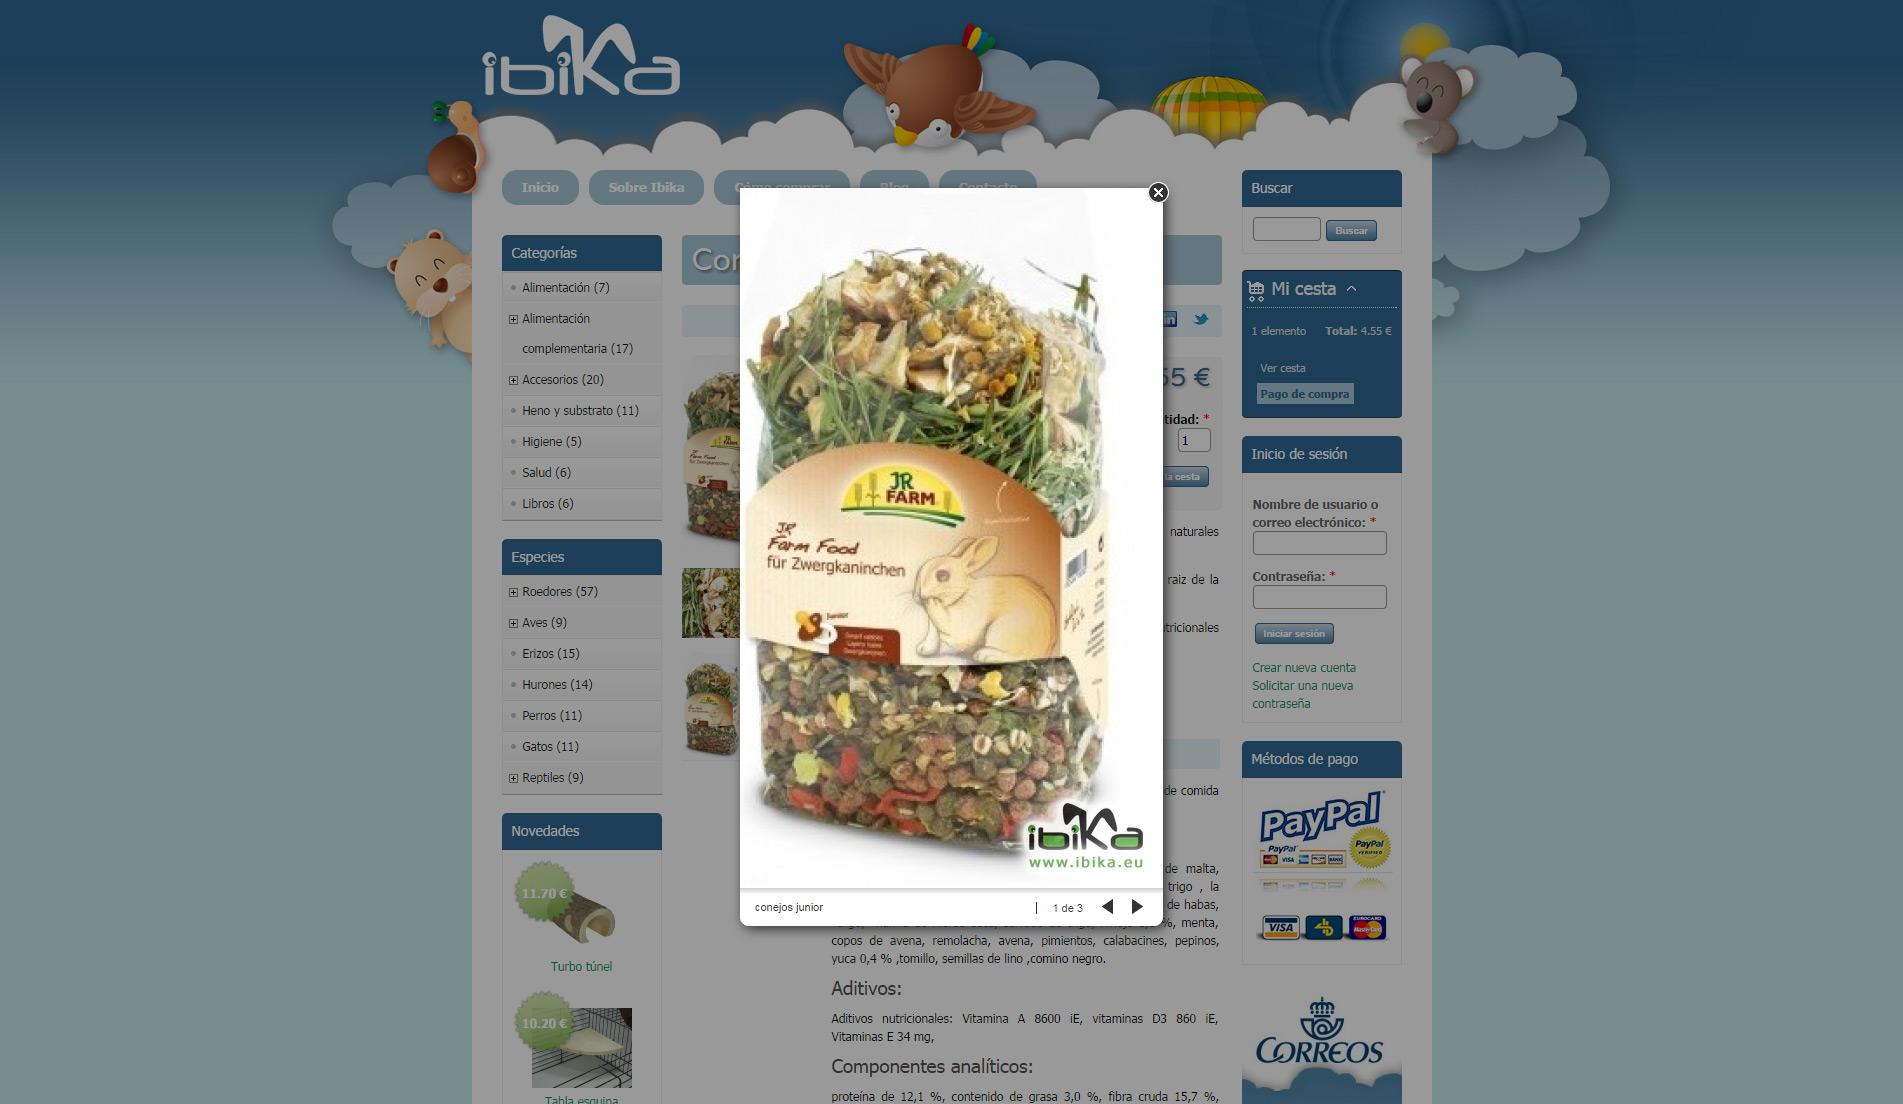 Ibika | Detalle imagen